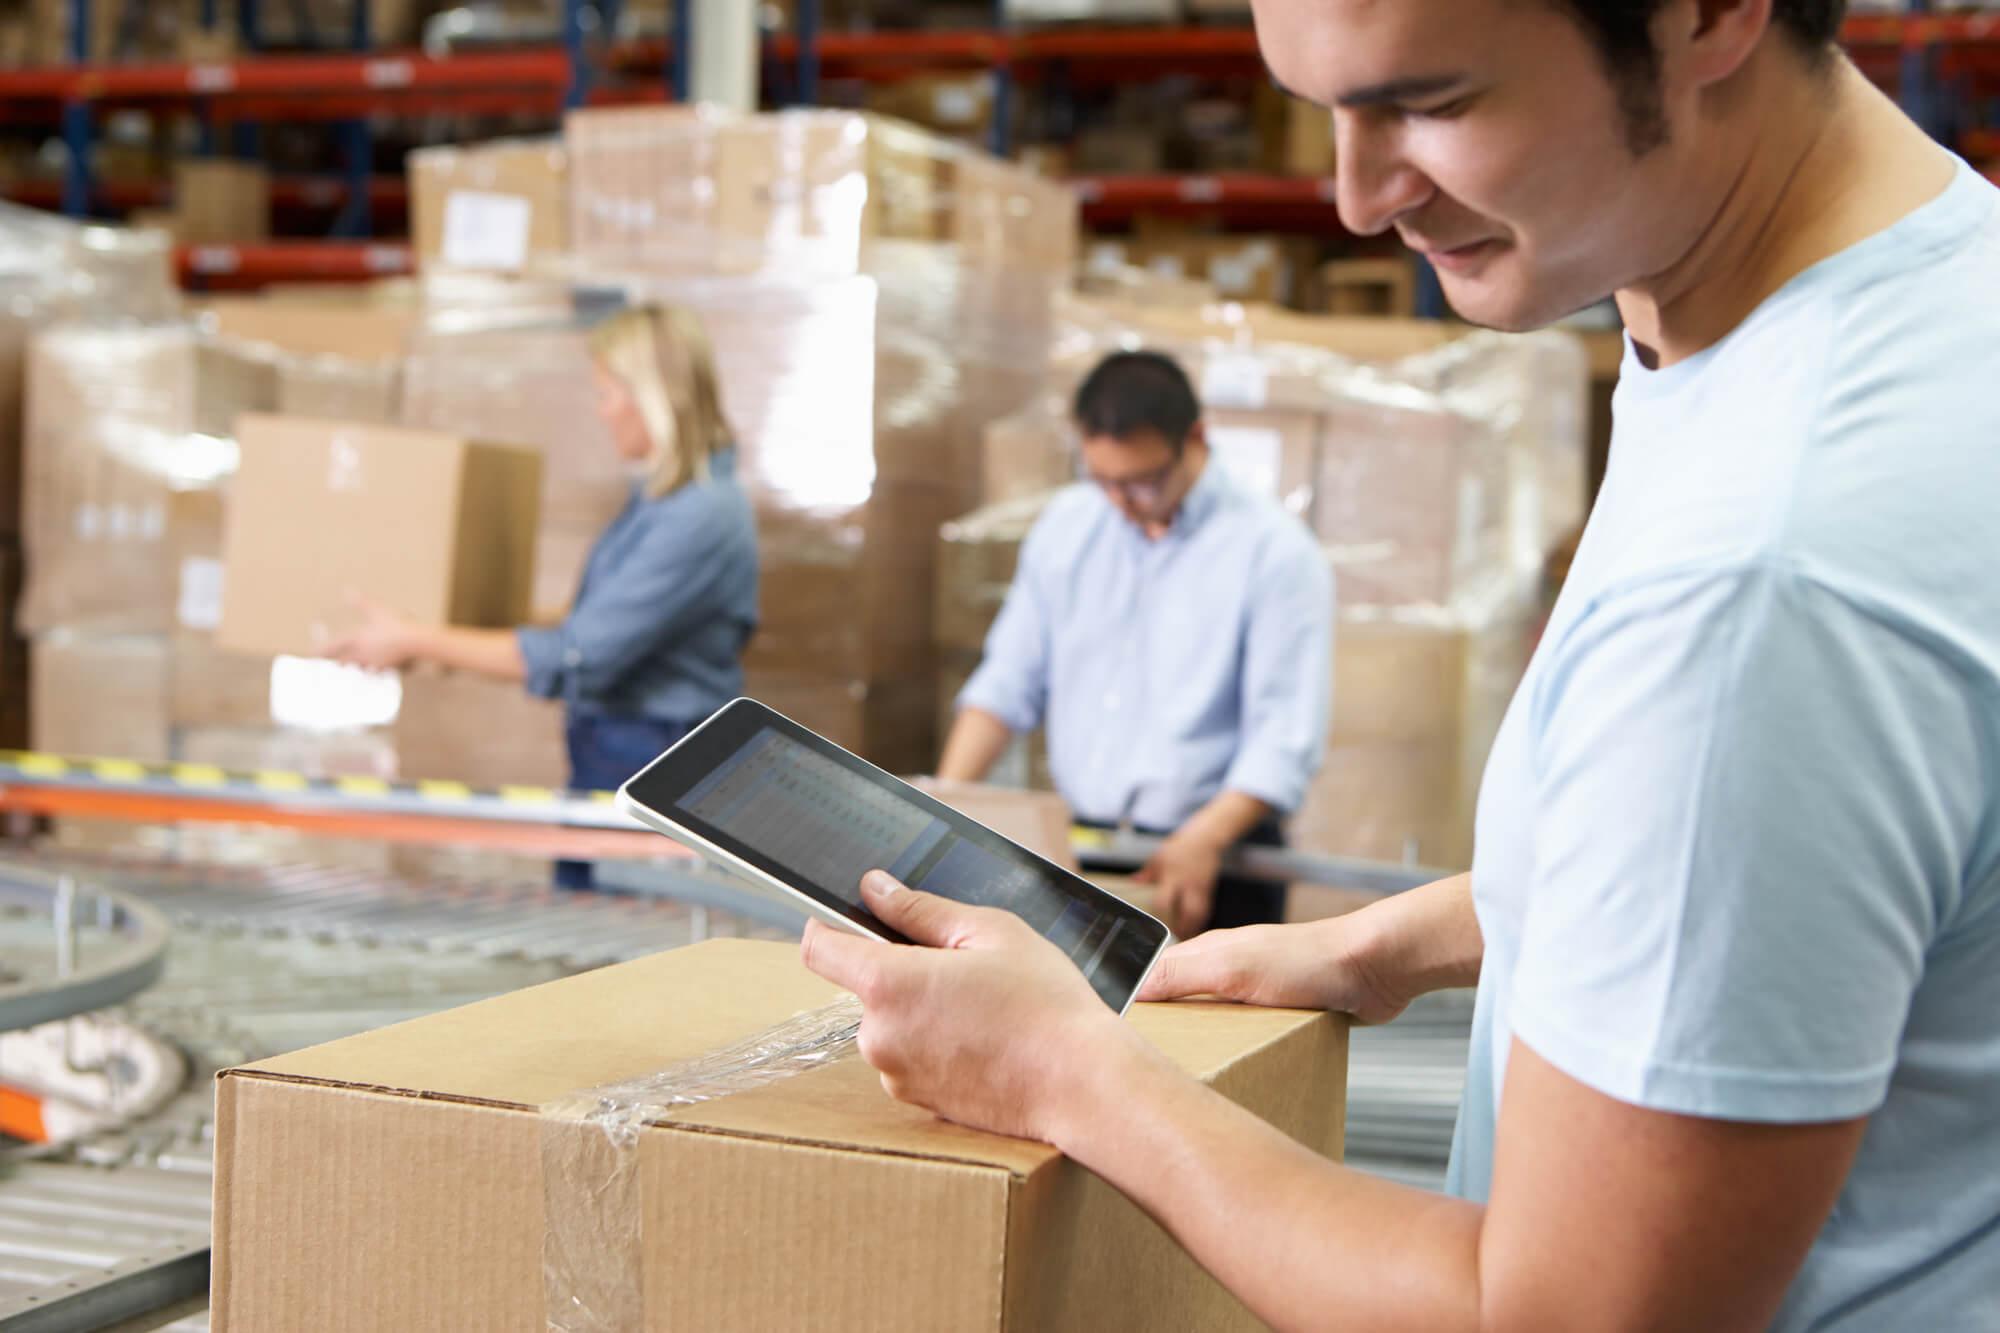 Pracownik korzysta z tabletu w punkcie dystrybucji magazynu